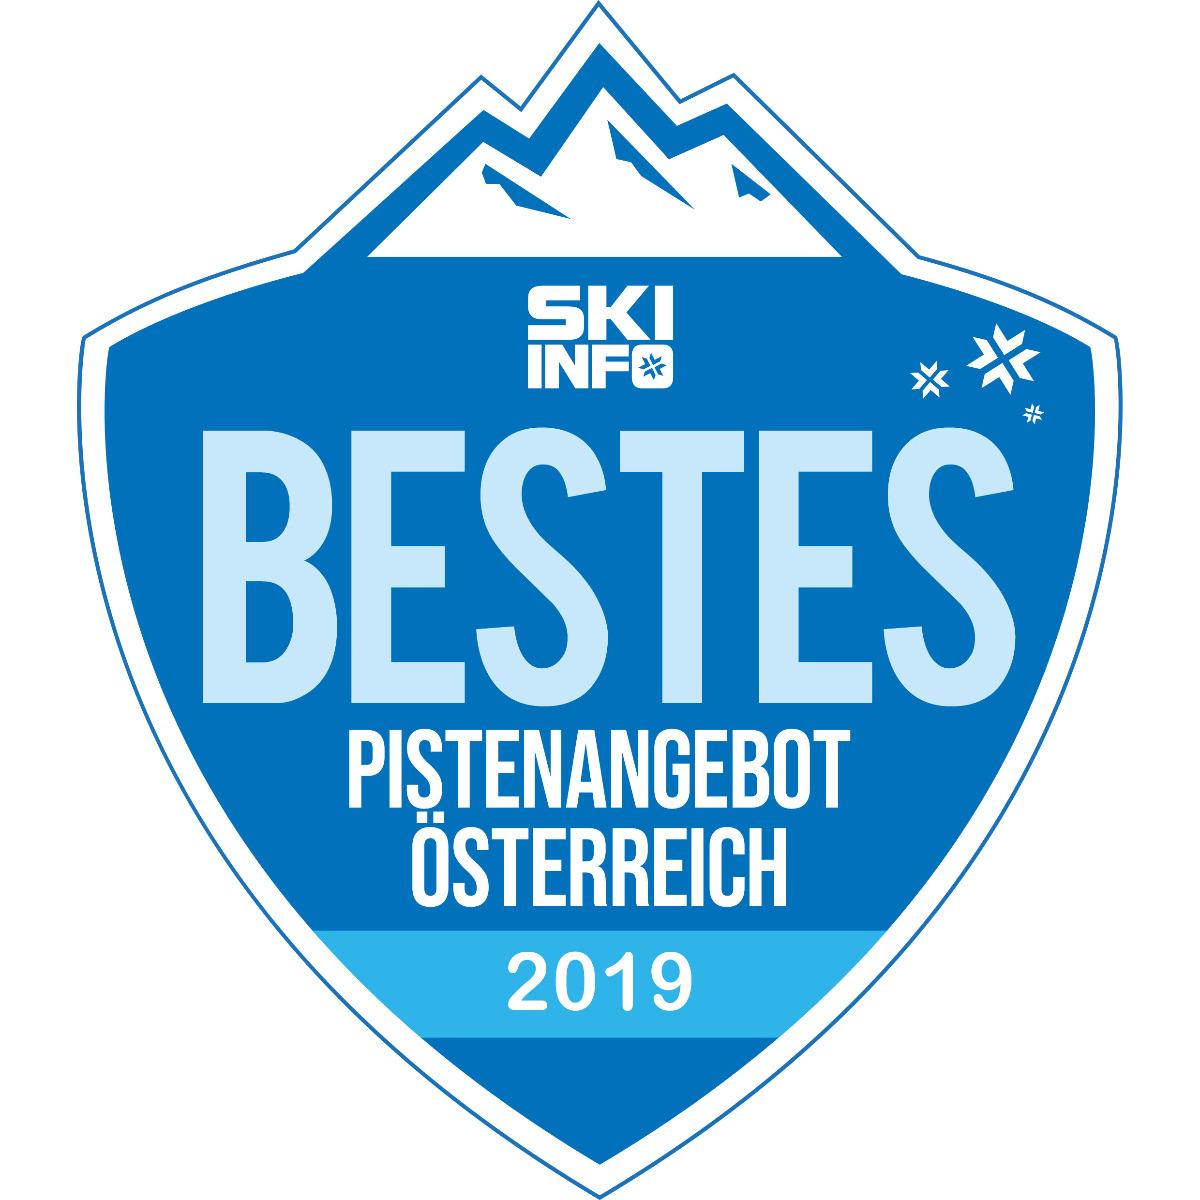 Bestes Pistenangebot in Österreich 2018/2019